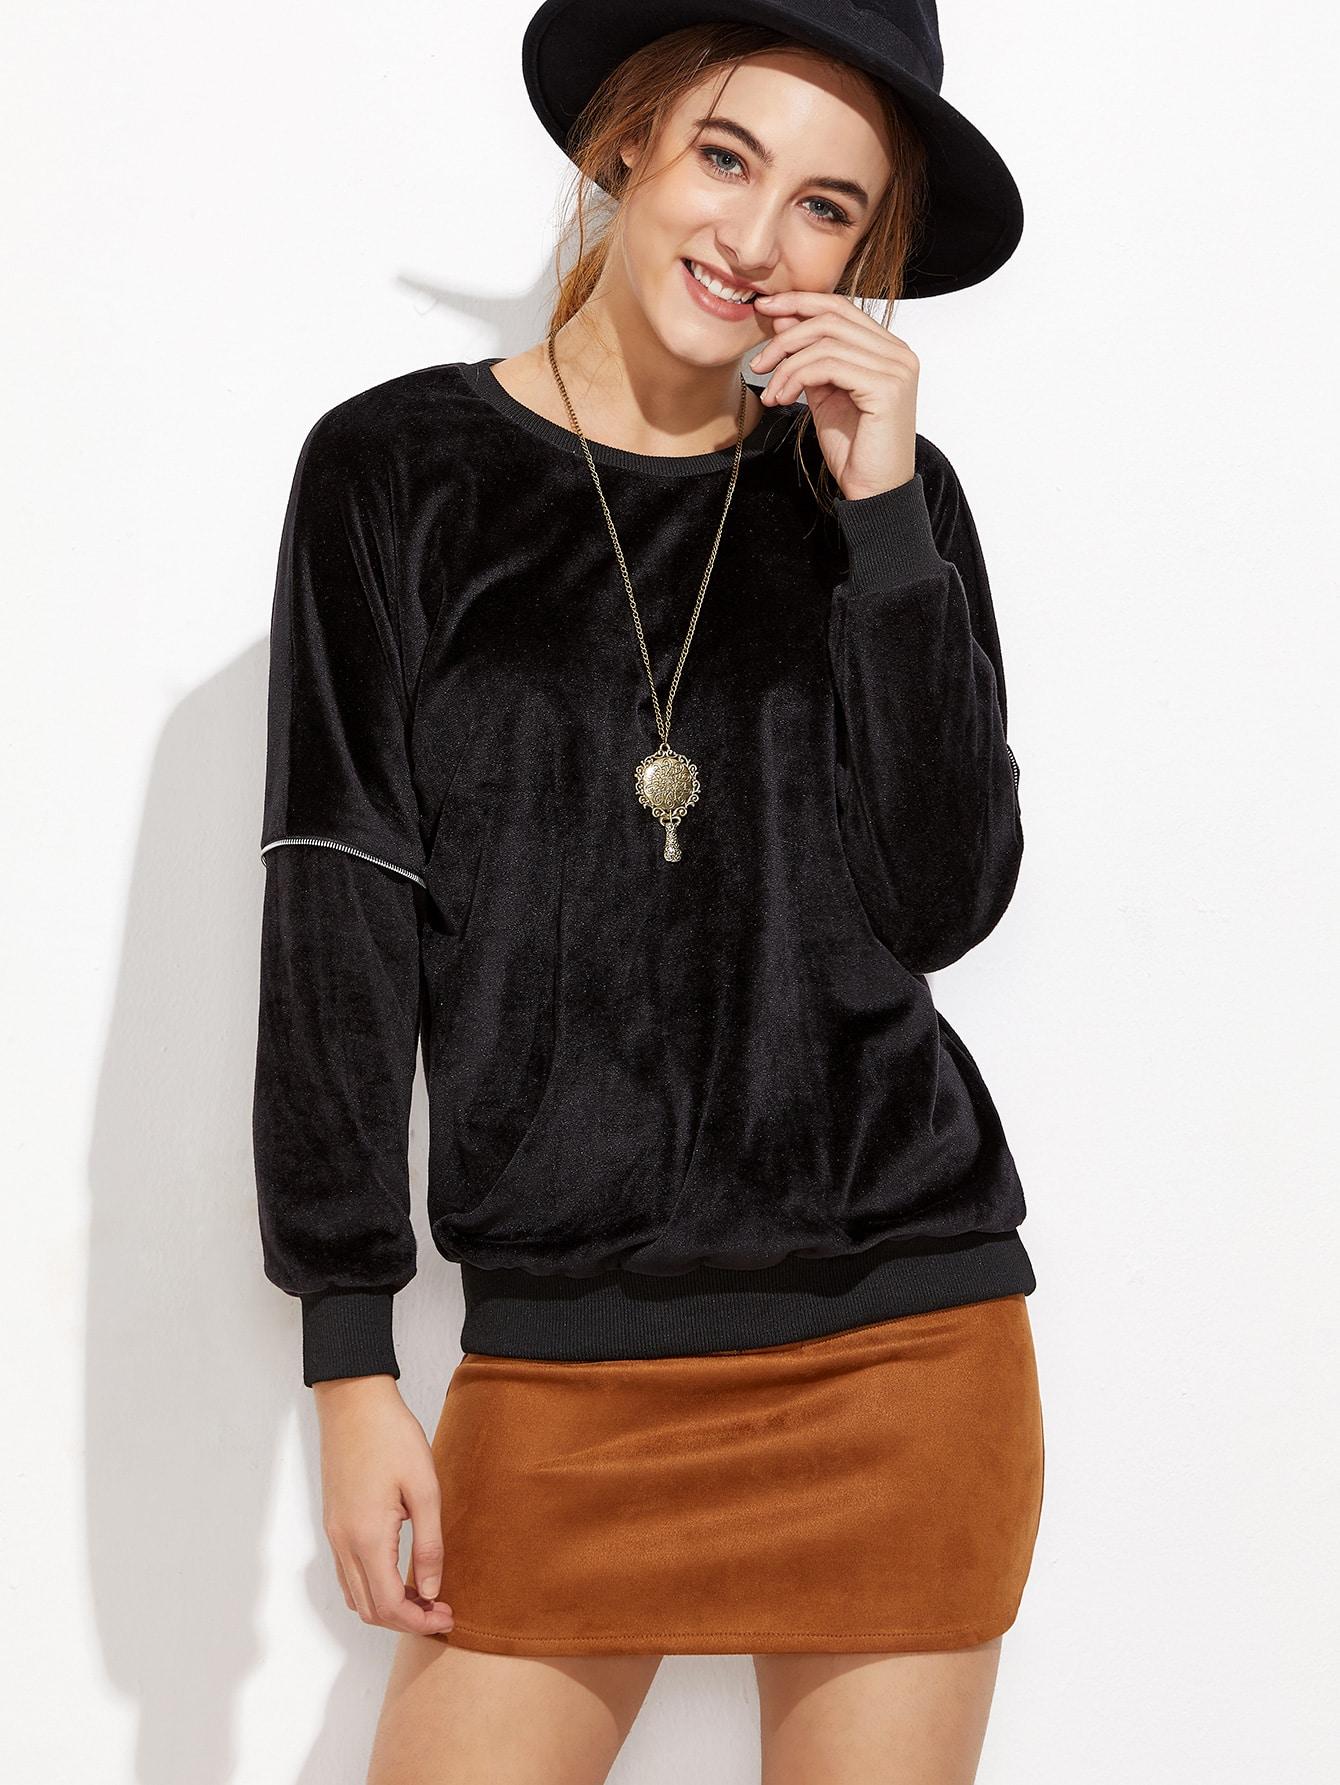 sweatershirt161101001_2